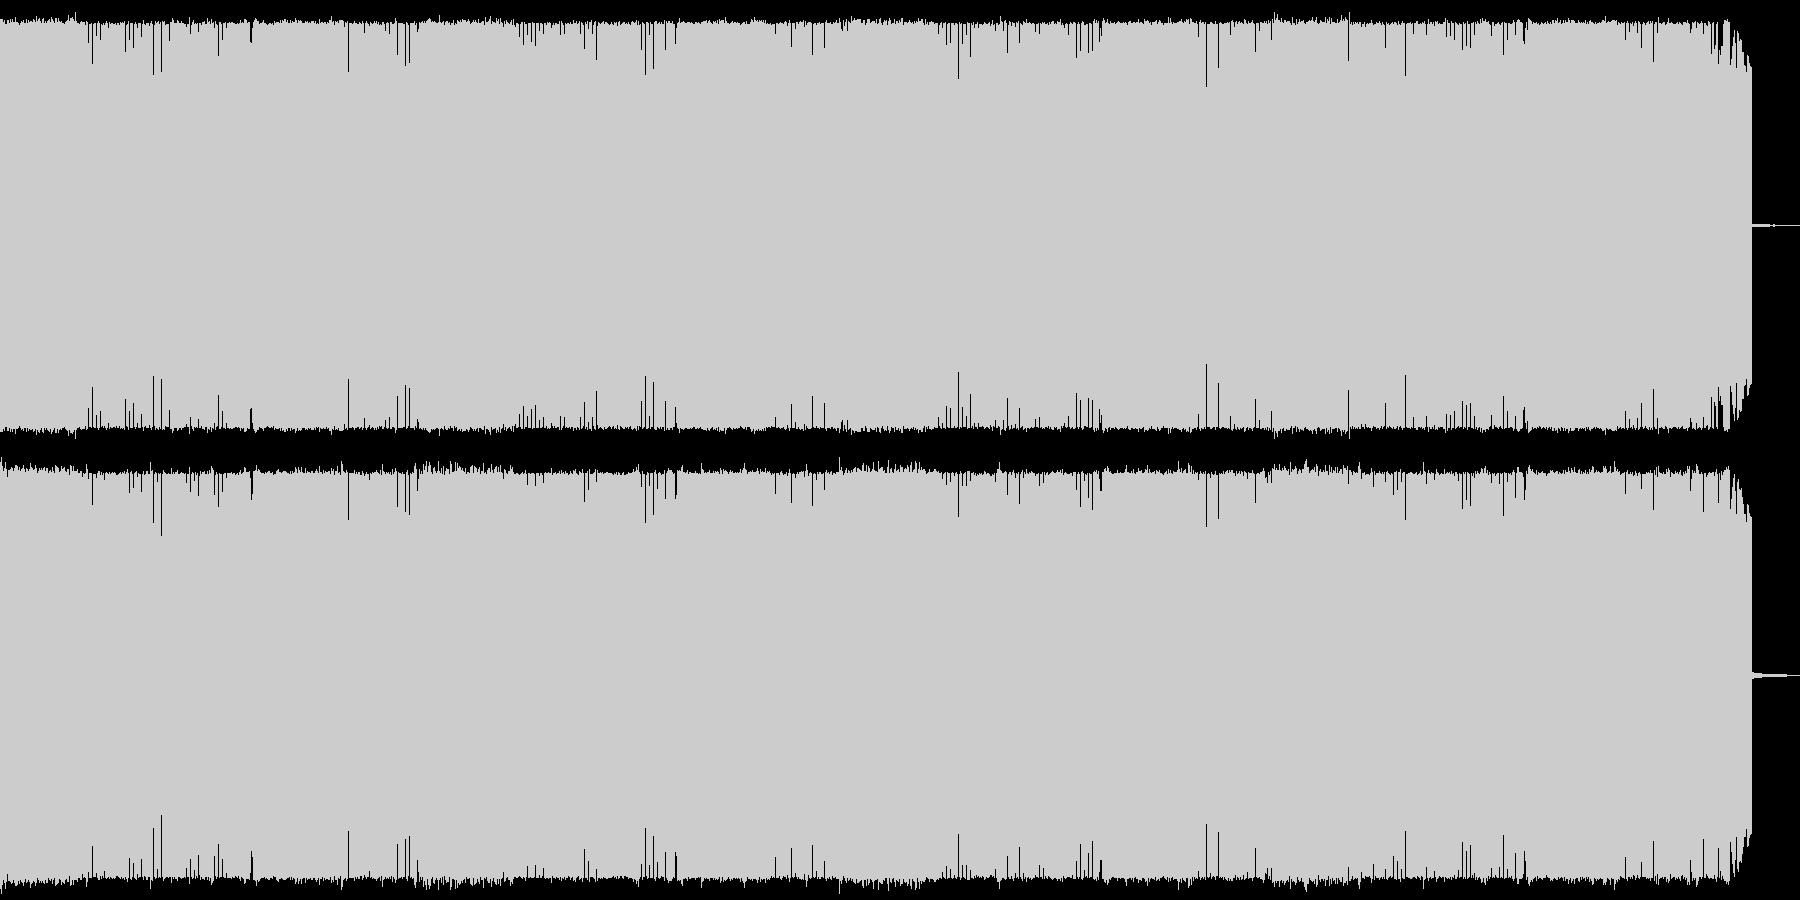 戦闘シーン向け疾走感のある攻撃的なメタルの未再生の波形